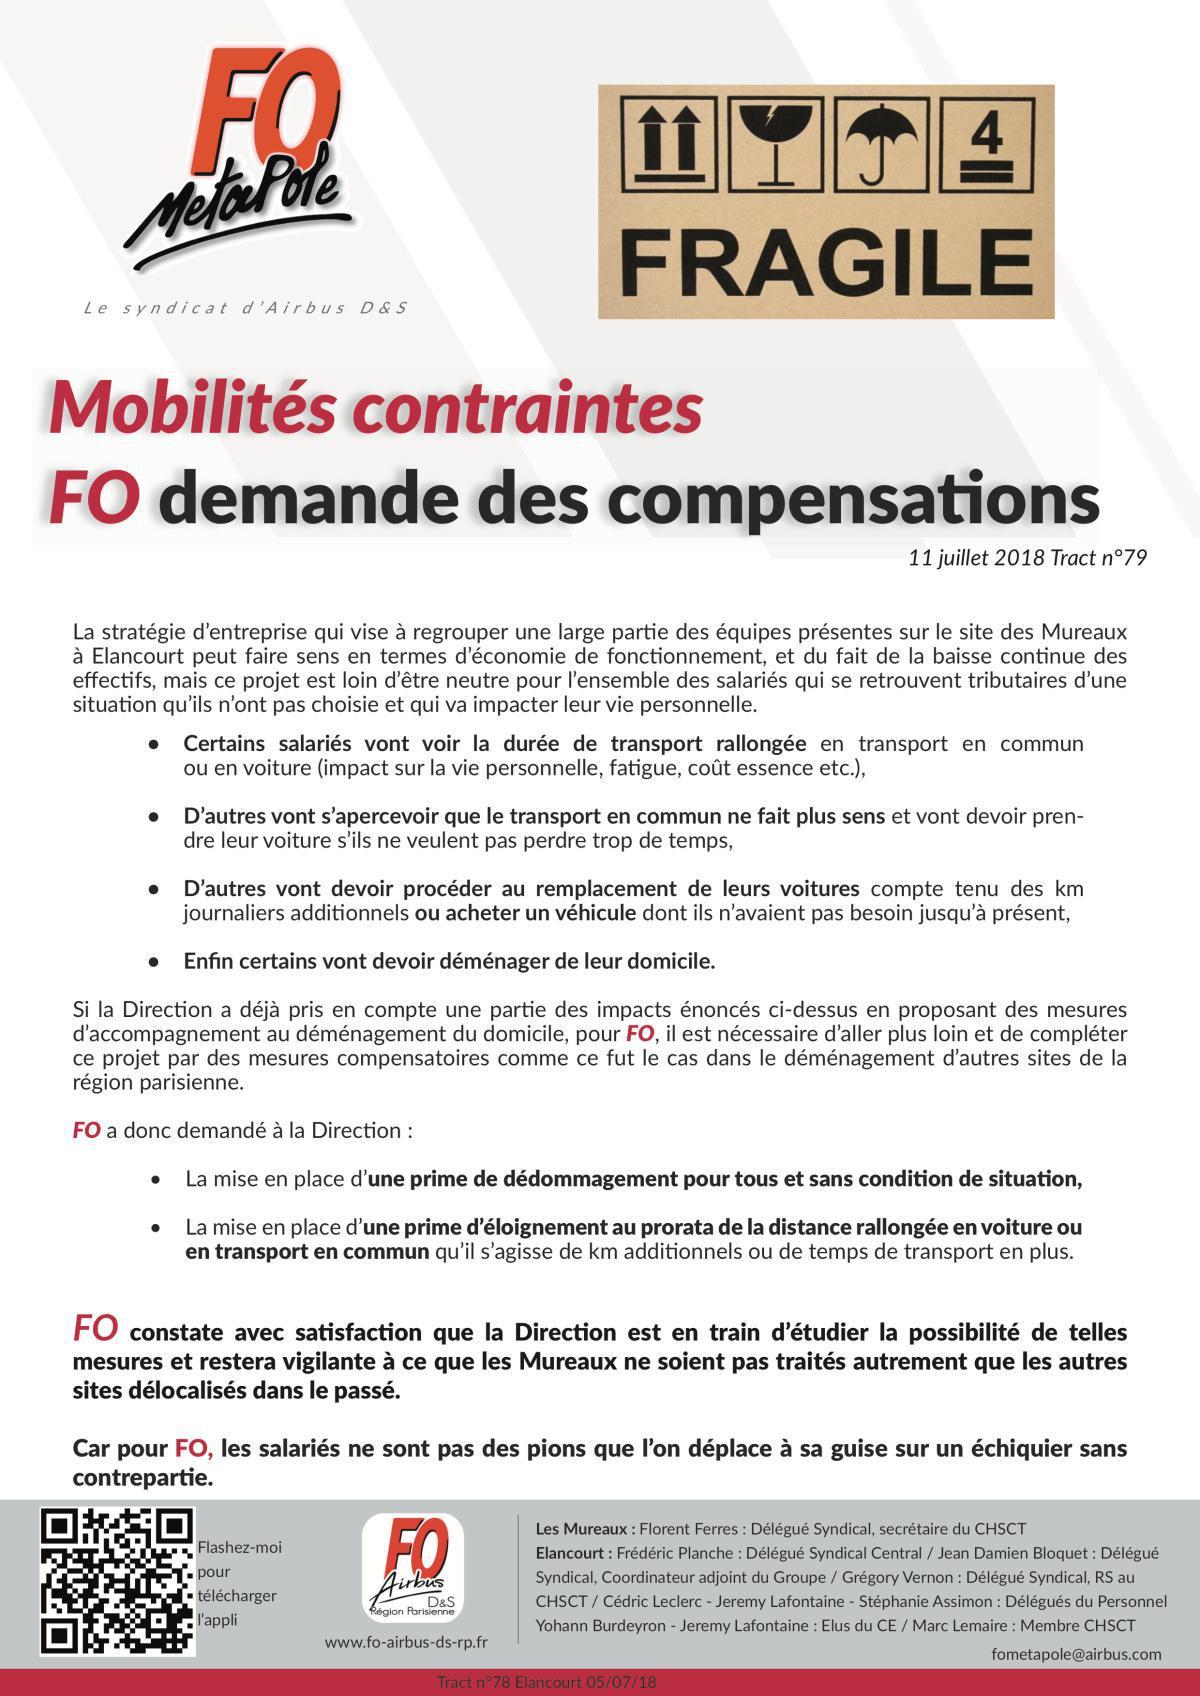 Mobilités contraintes : FO demande des compensations